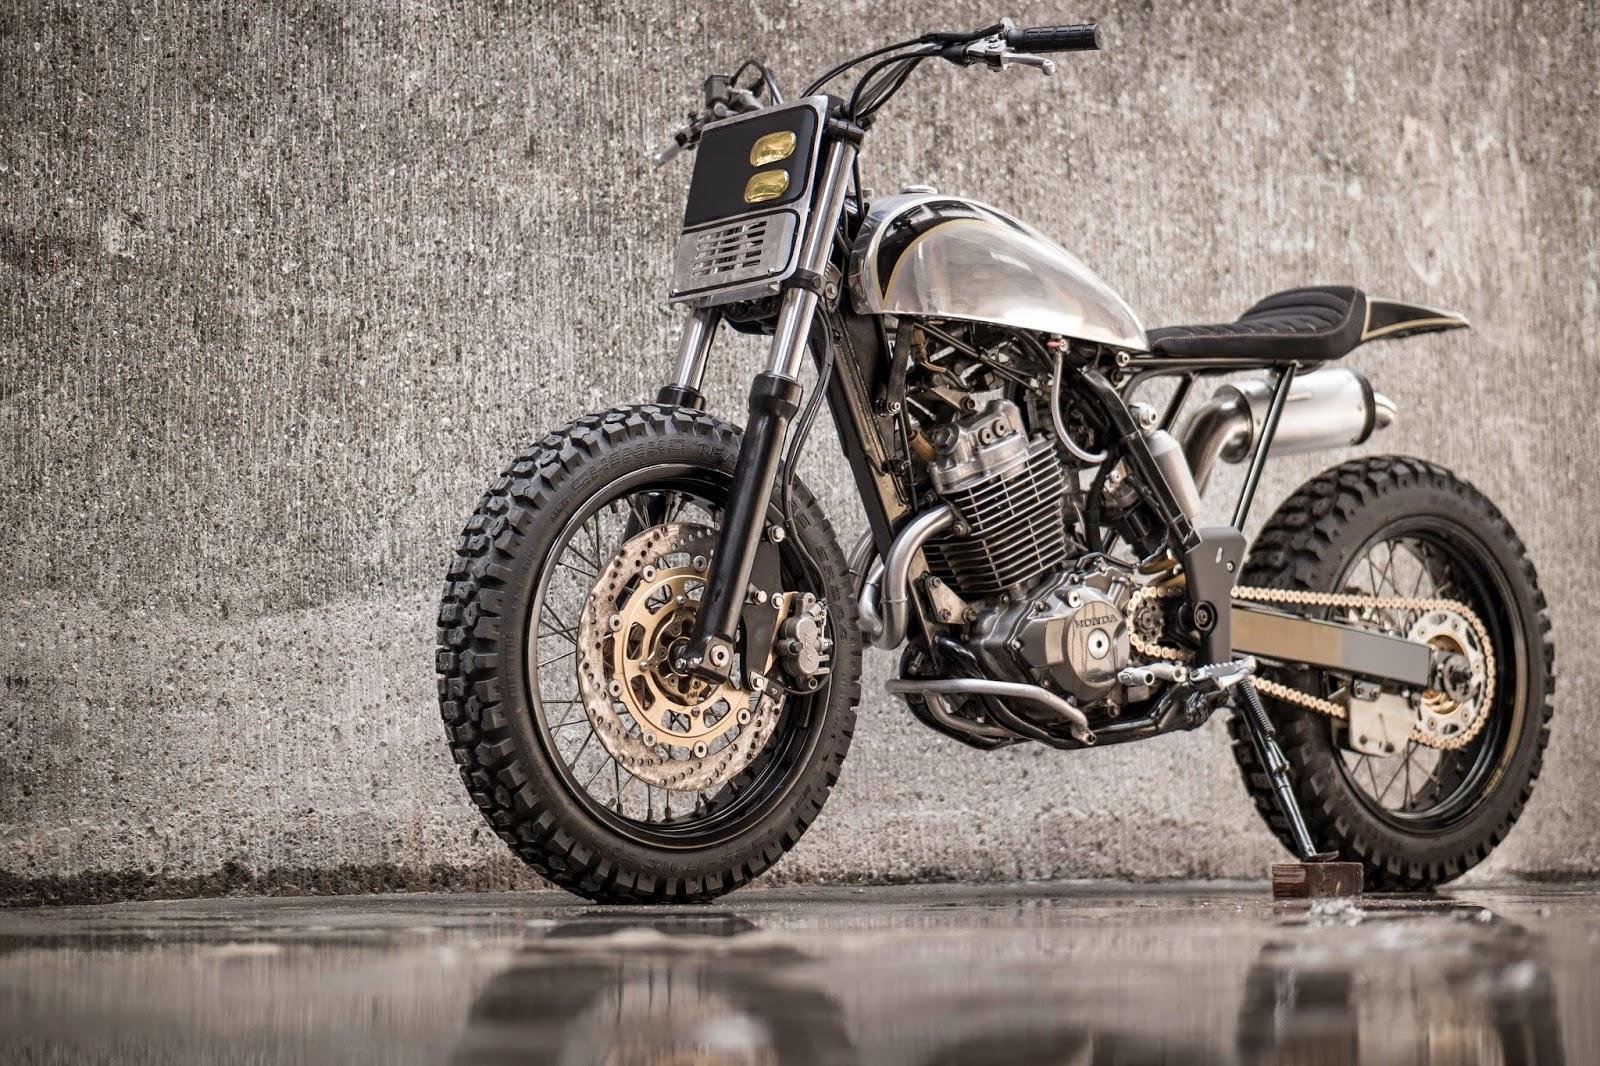 Motocross / Dirt Bikes